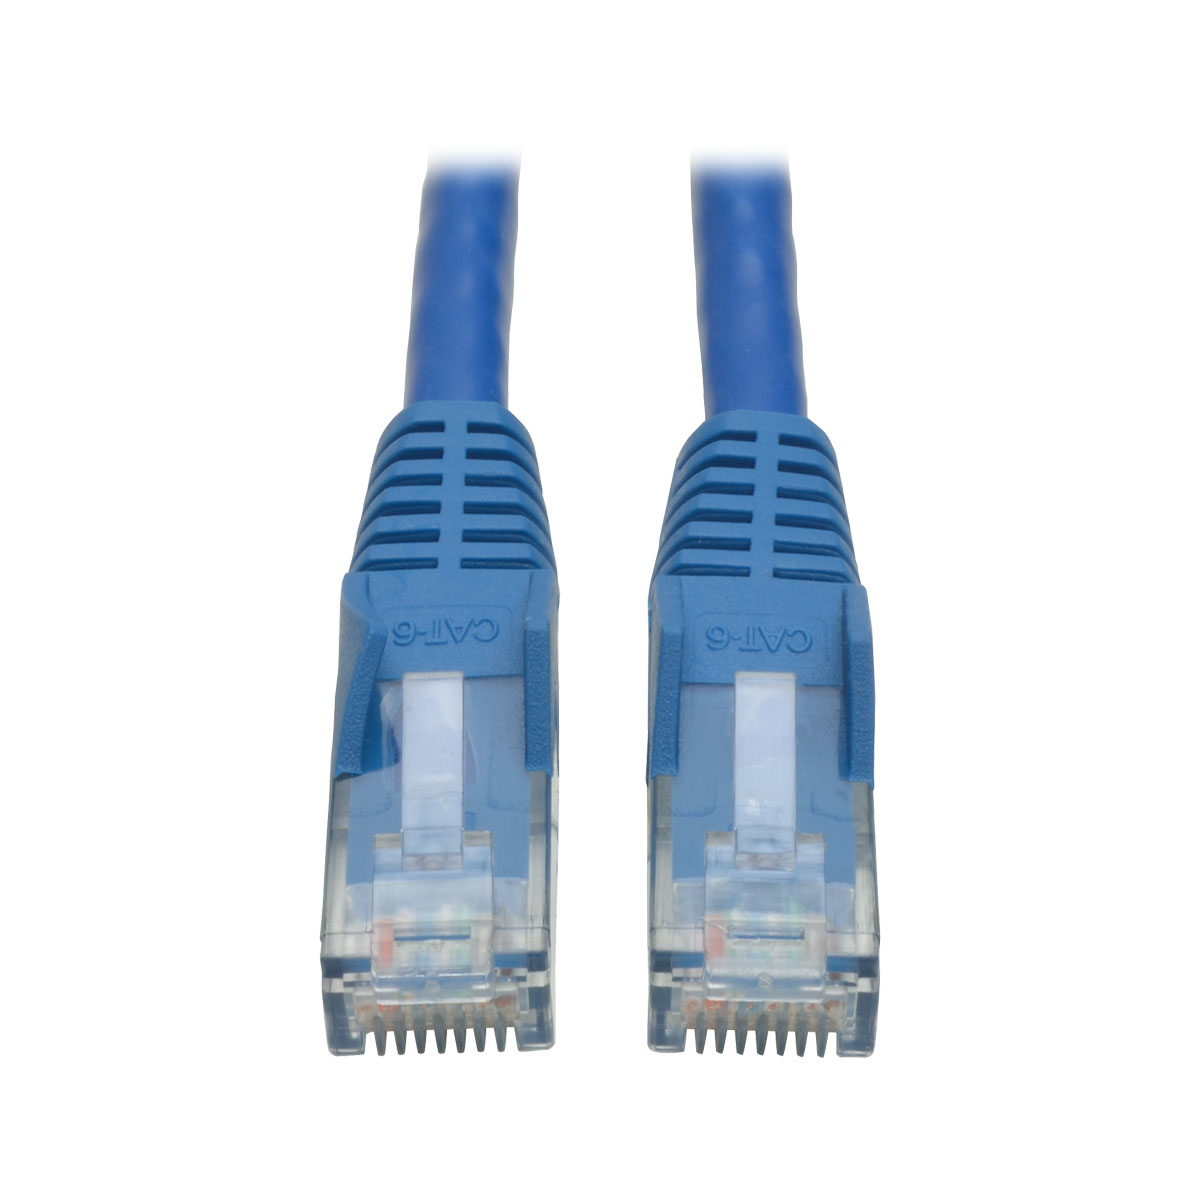 Tripp Lite Cat6 Gigabit Snagless Molded UTP Patch Cable (RJ45 M/M) - Blue, 0.61 m (2-ft.) - 50 Piece Bulk Pack